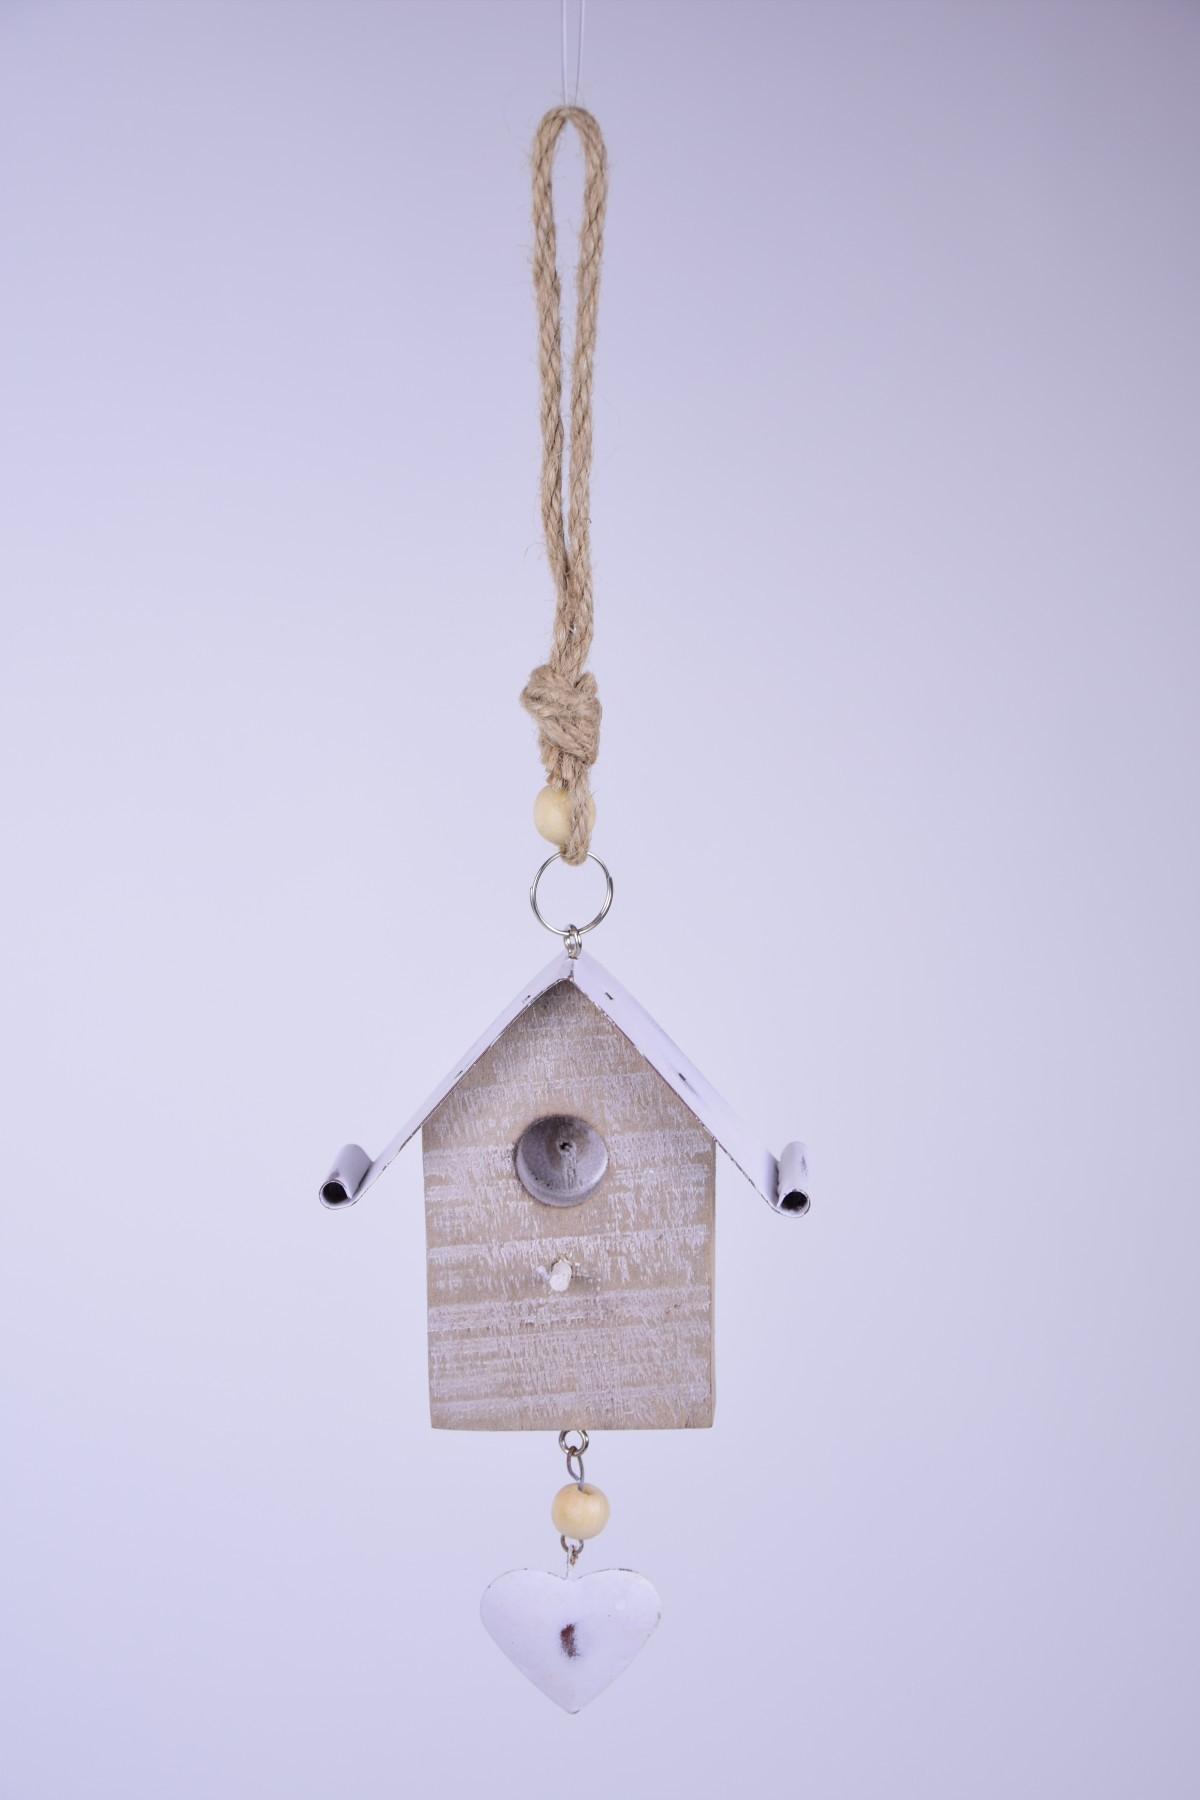 Závěsná dekorace ptačí budka 10x45x5cm